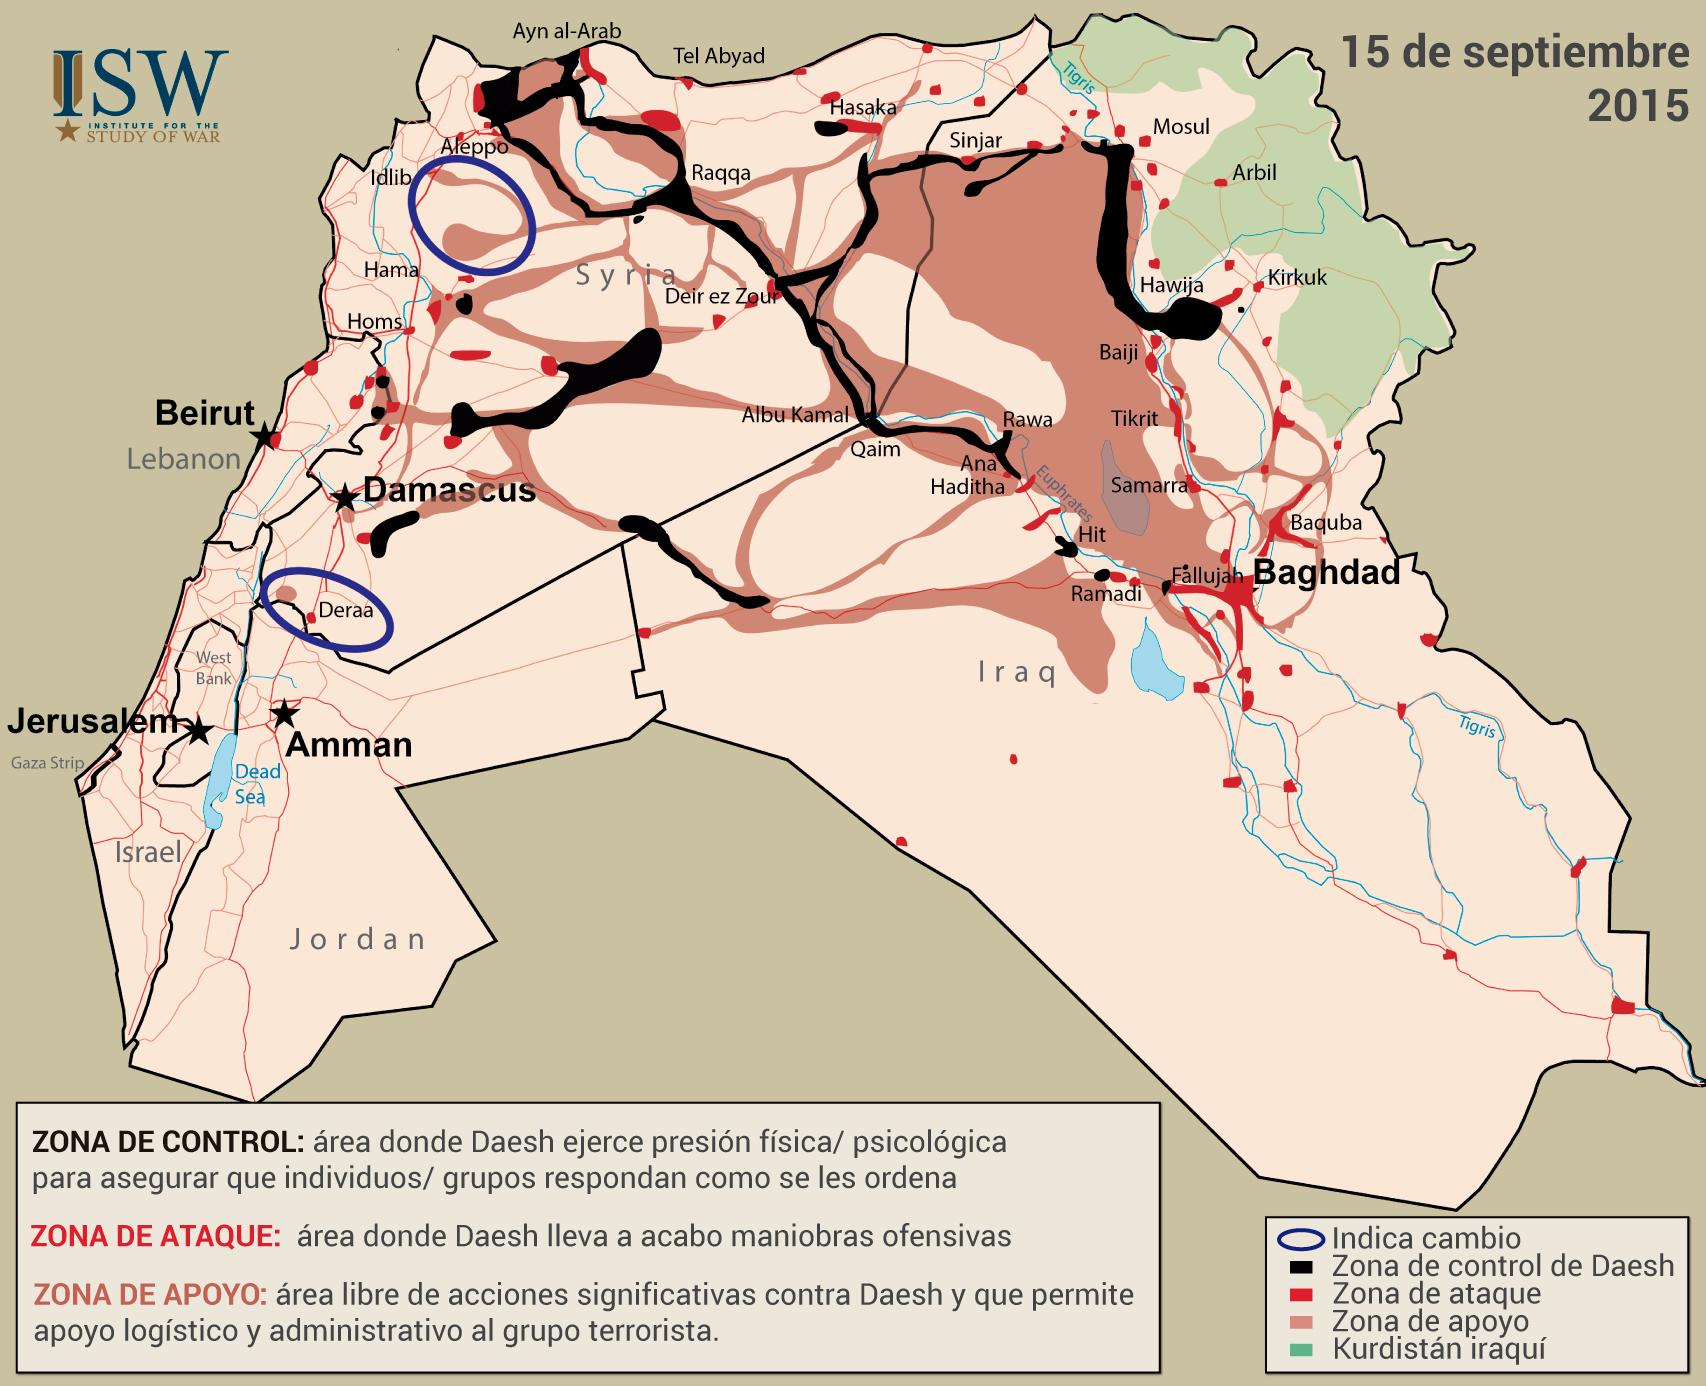 Mapa del control del Estado Islámico en septiembre de 2015.